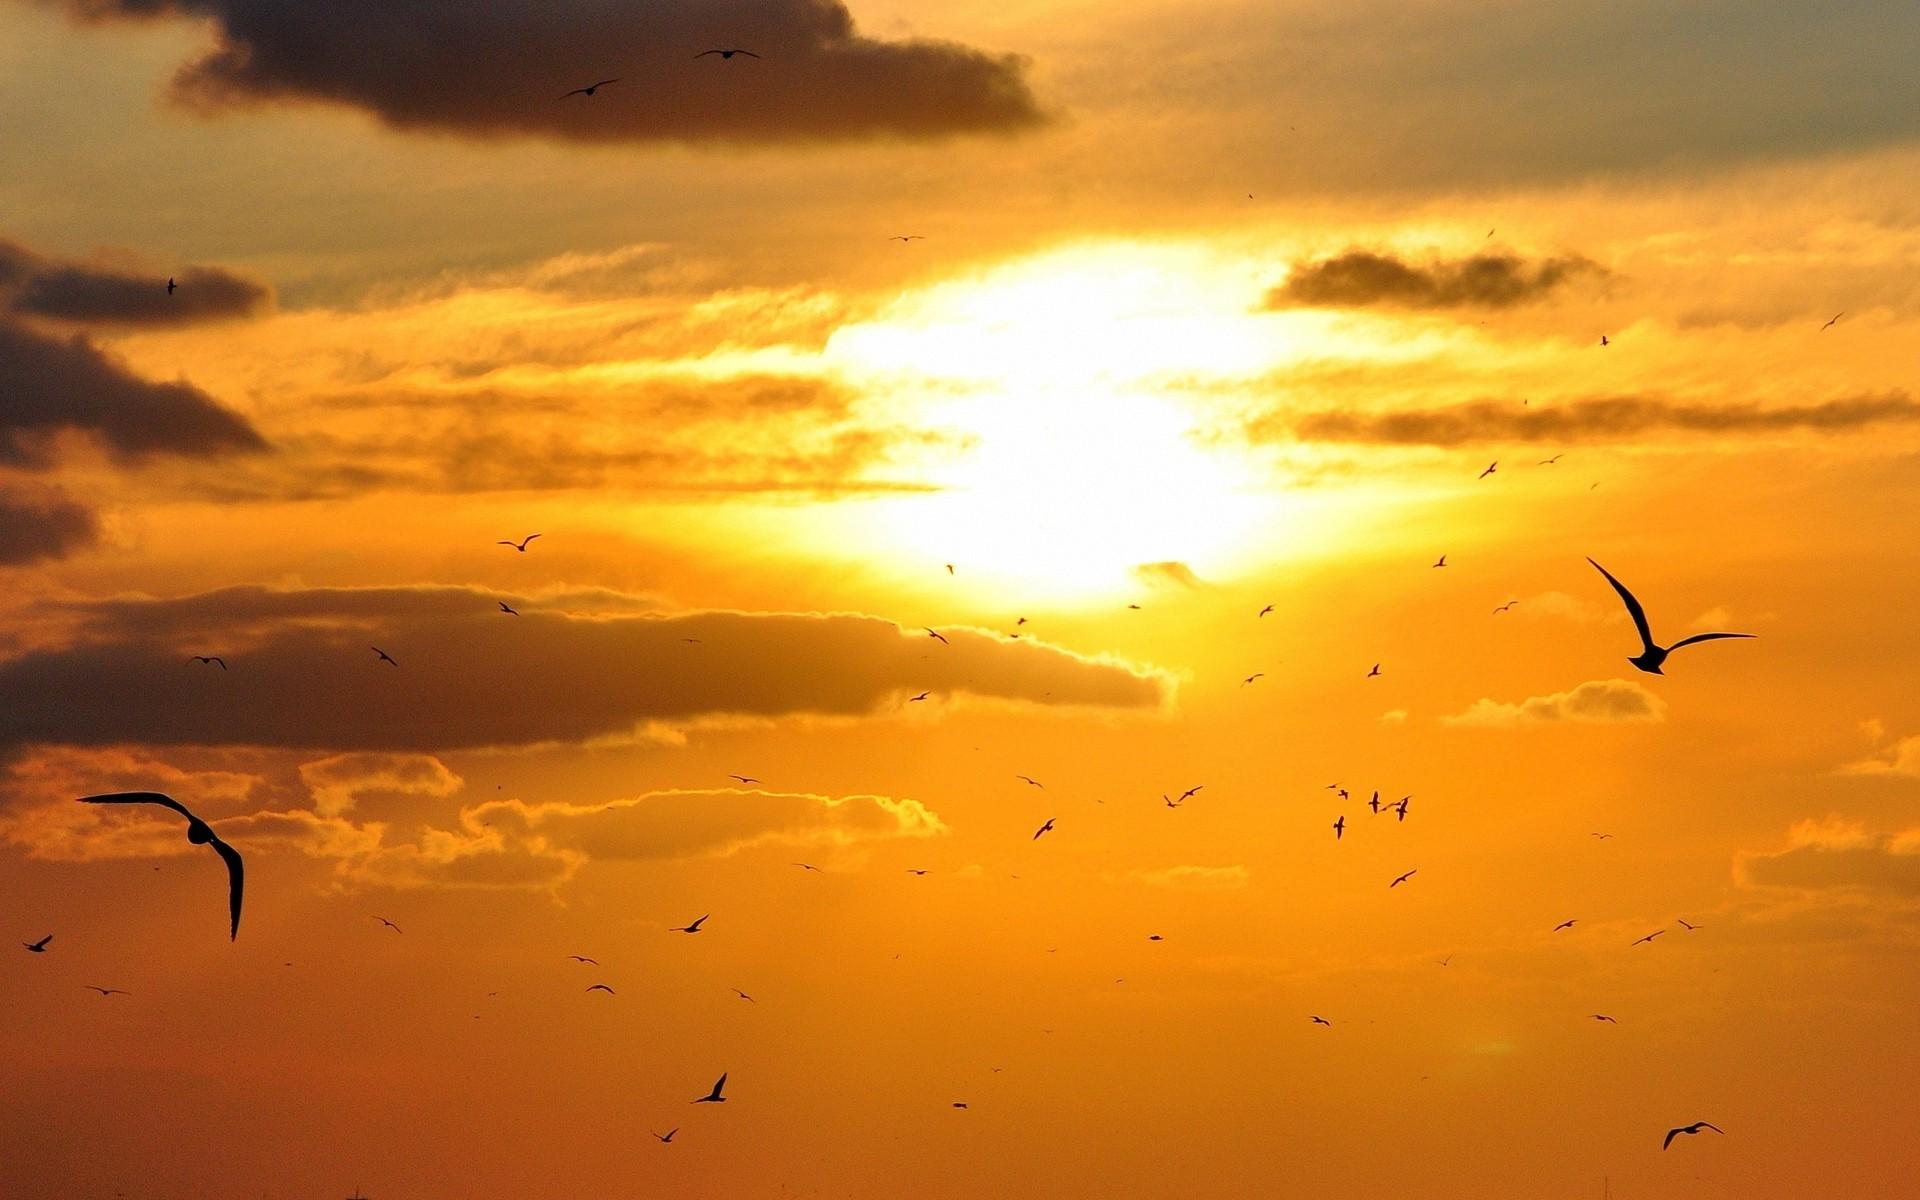 красивое фото облака птицы закат рассвет разделяя мячик